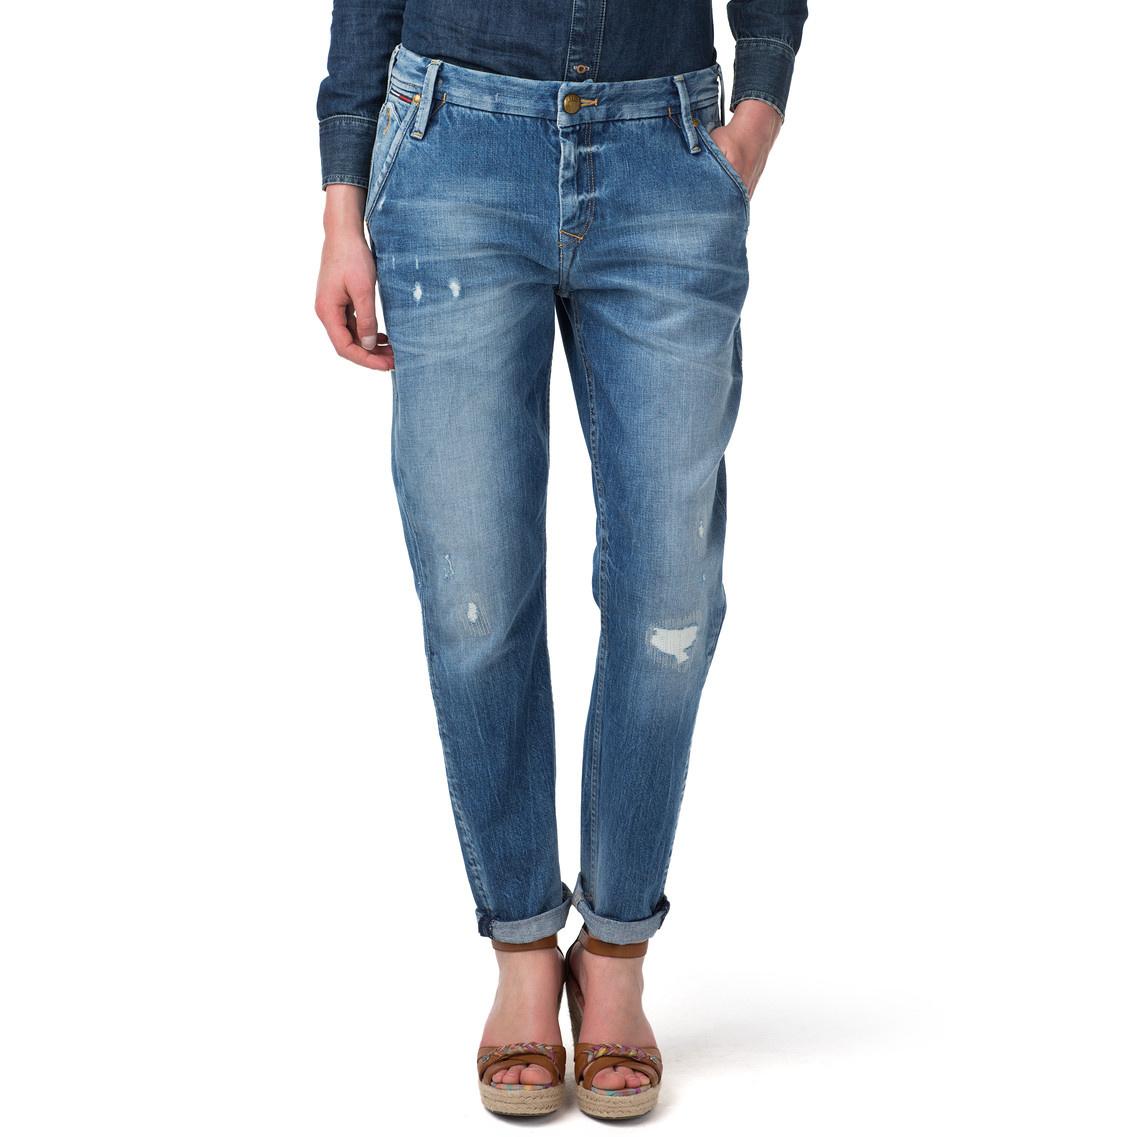 tommy hilfiger lidia boyfriend fit jeans in blue edison destructed lyst. Black Bedroom Furniture Sets. Home Design Ideas